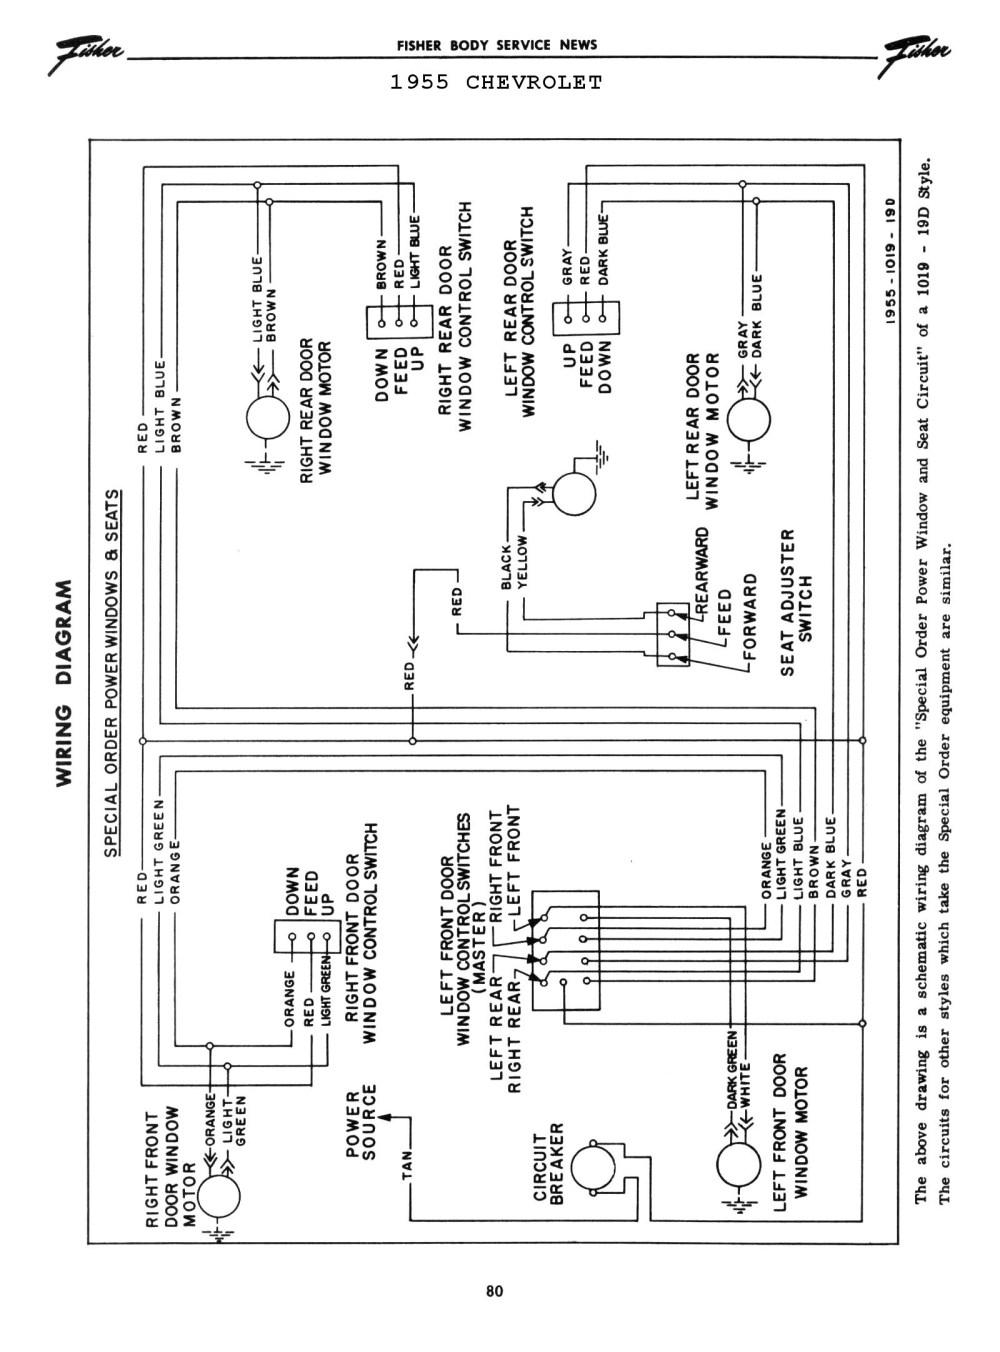 medium resolution of 1957 chevy power window wiring diagram explore schematic wiring 1987 dakota wiring diagram 1987 chevrolet blazer